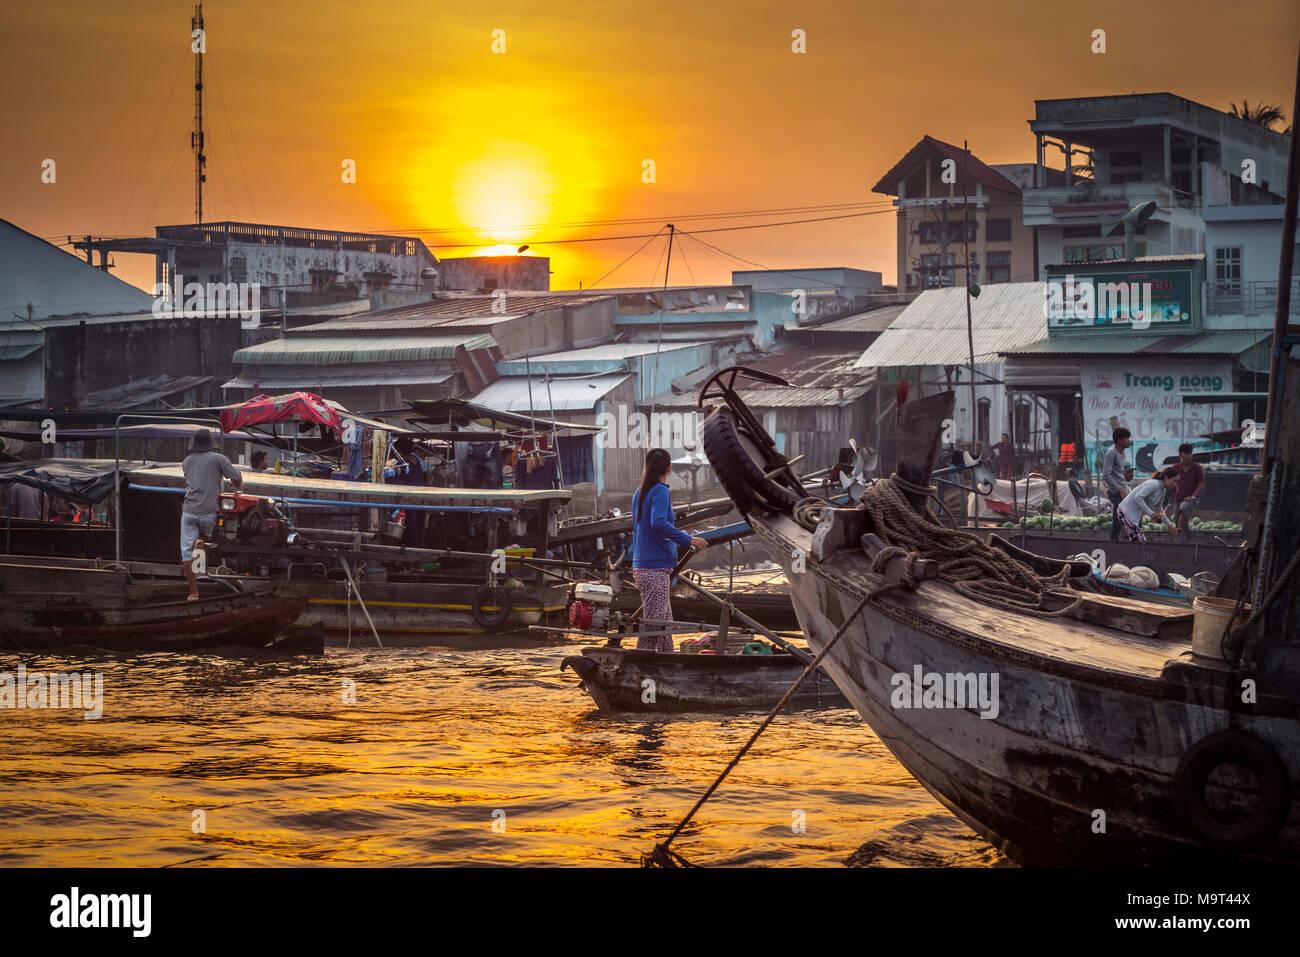 Asien, Südostasien, Südvietnam, Vietnam, Mekong, Delta, Markt - Stock Image